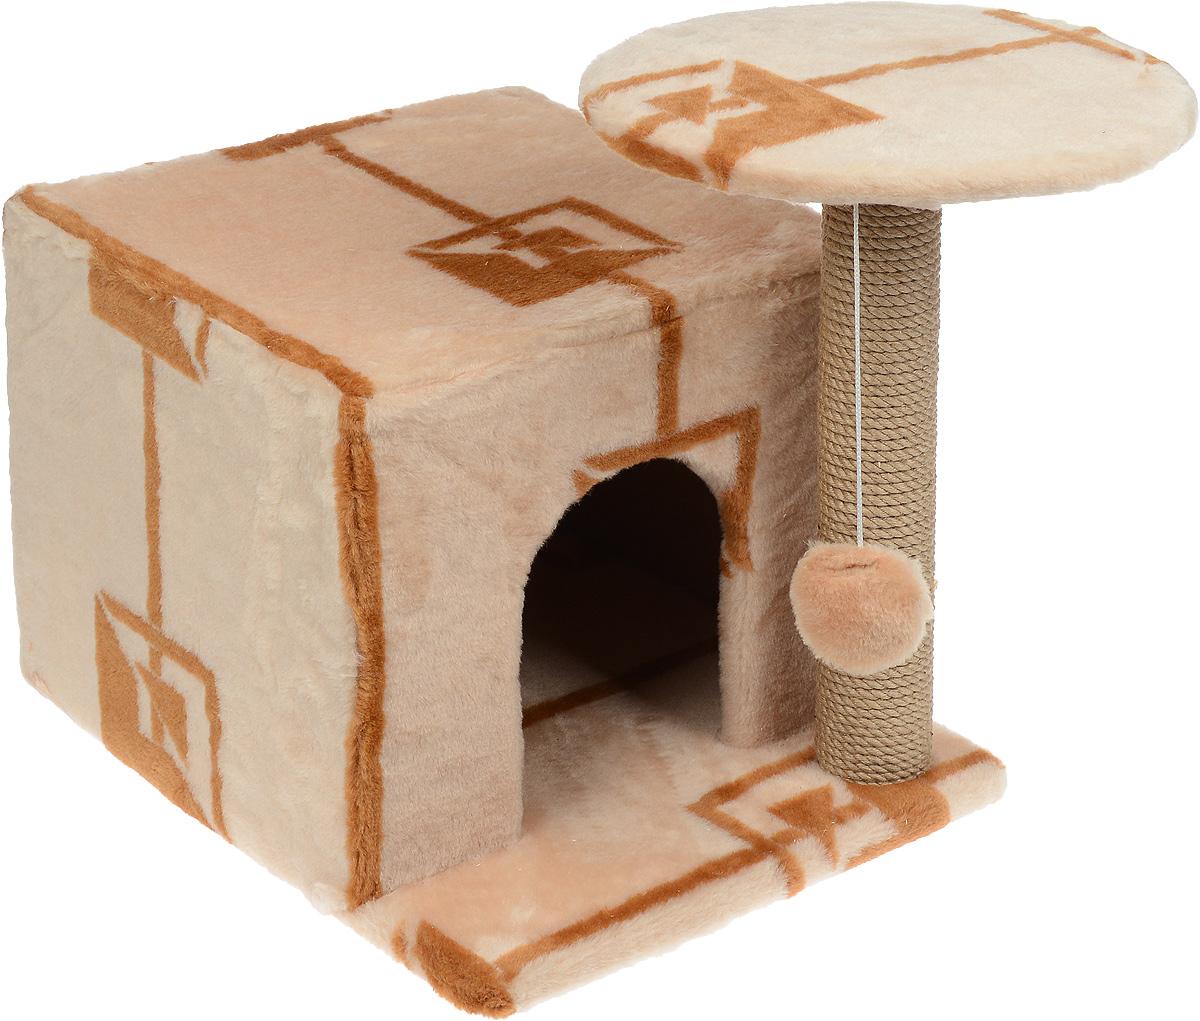 Игровой комплекс для кошек Меридиан, с когтеточкой и домиком, цвет: коричневый, бежевый, 59 х 45 х 44 смД132 ГИгровой комплекс для кошек Меридиан выполнен из высококачественного ДВП и ДСП и обтянут искусственным мехом. Изделие предназначено для кошек. Ваш домашний питомец будет с удовольствием точить когти о специальный столбик, изготовленный из джута. А отдохнуть он сможет либо на полке, находящейся наверху столбика, либо в расположенном внизу домике. Также на полке имеется подвесная игрушка, которая привлечет внимание кошки к когтеточке. Общий размер: 59 х 45 х 44 см. Диаметр полки: 31 см. Размер домика: 45 х 35 х 32 см.